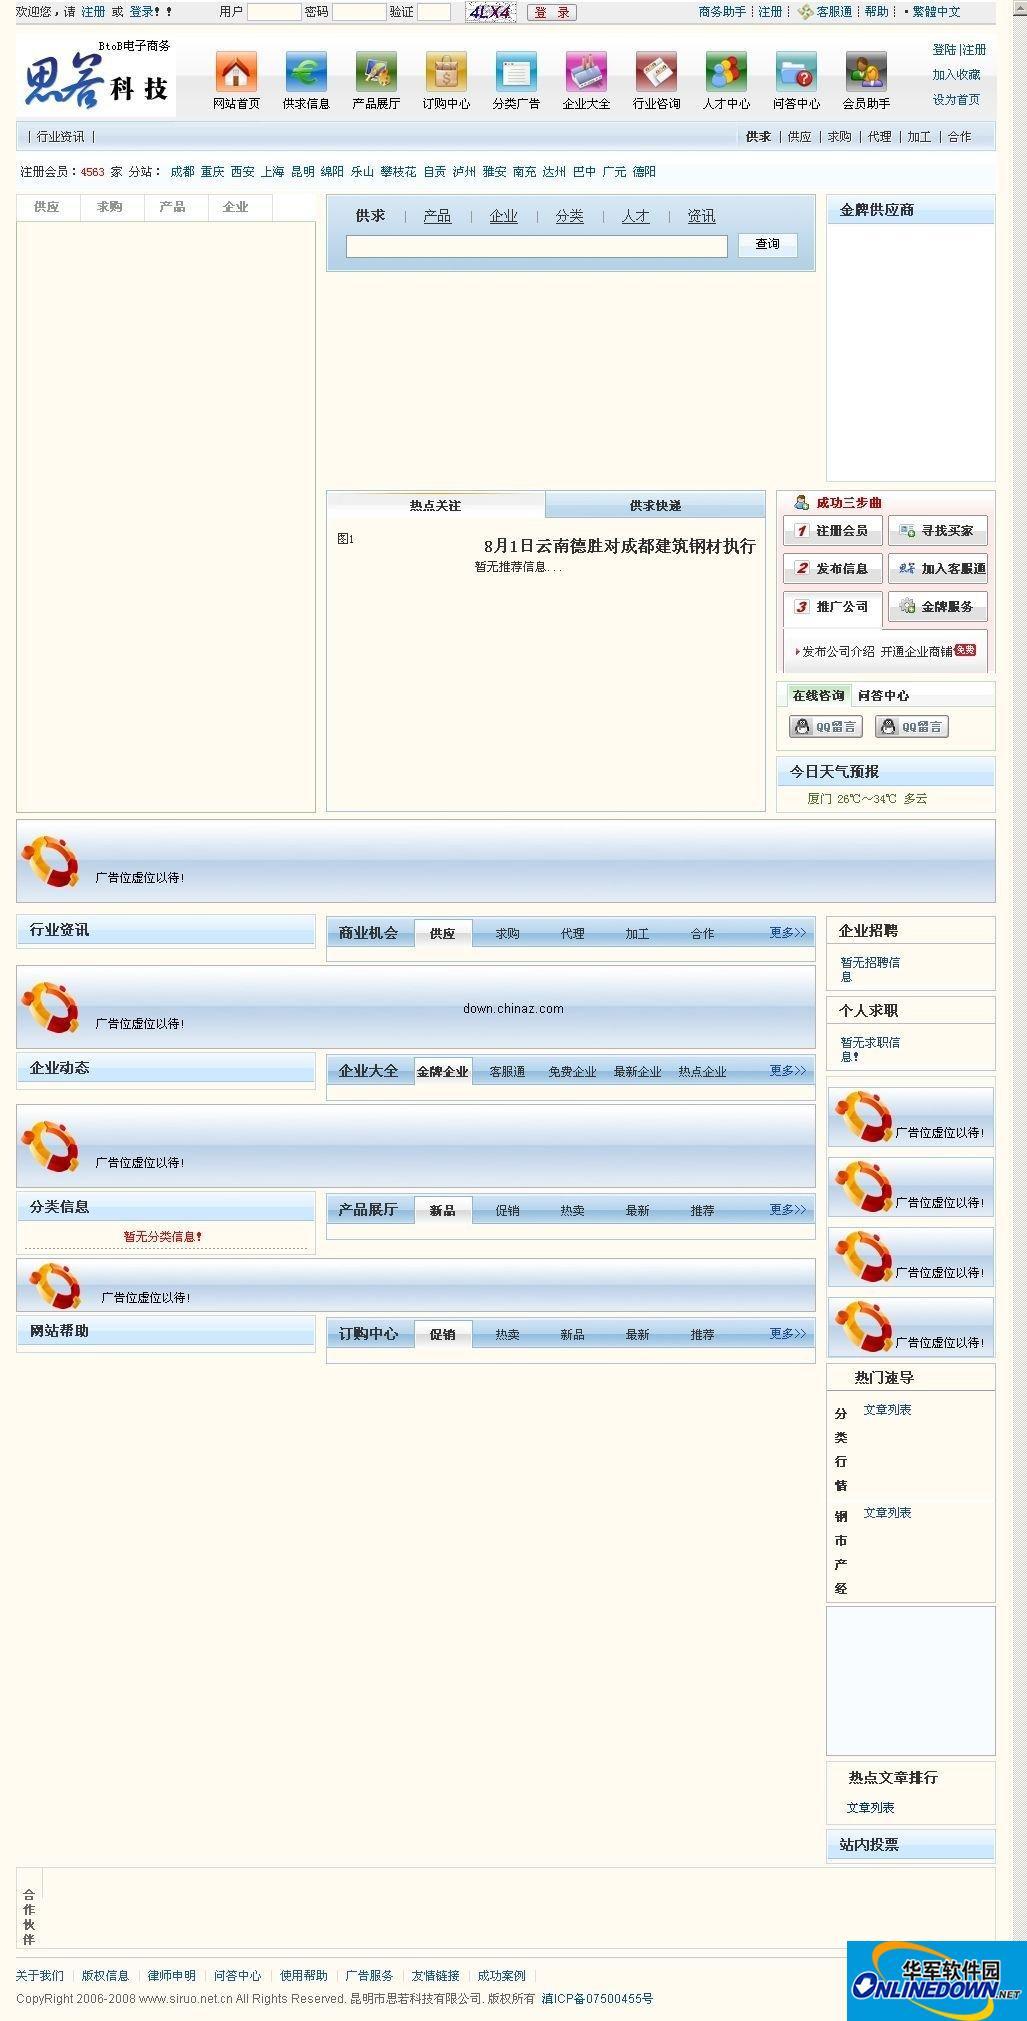 思若B2B电子商务网站管理系统 PC版